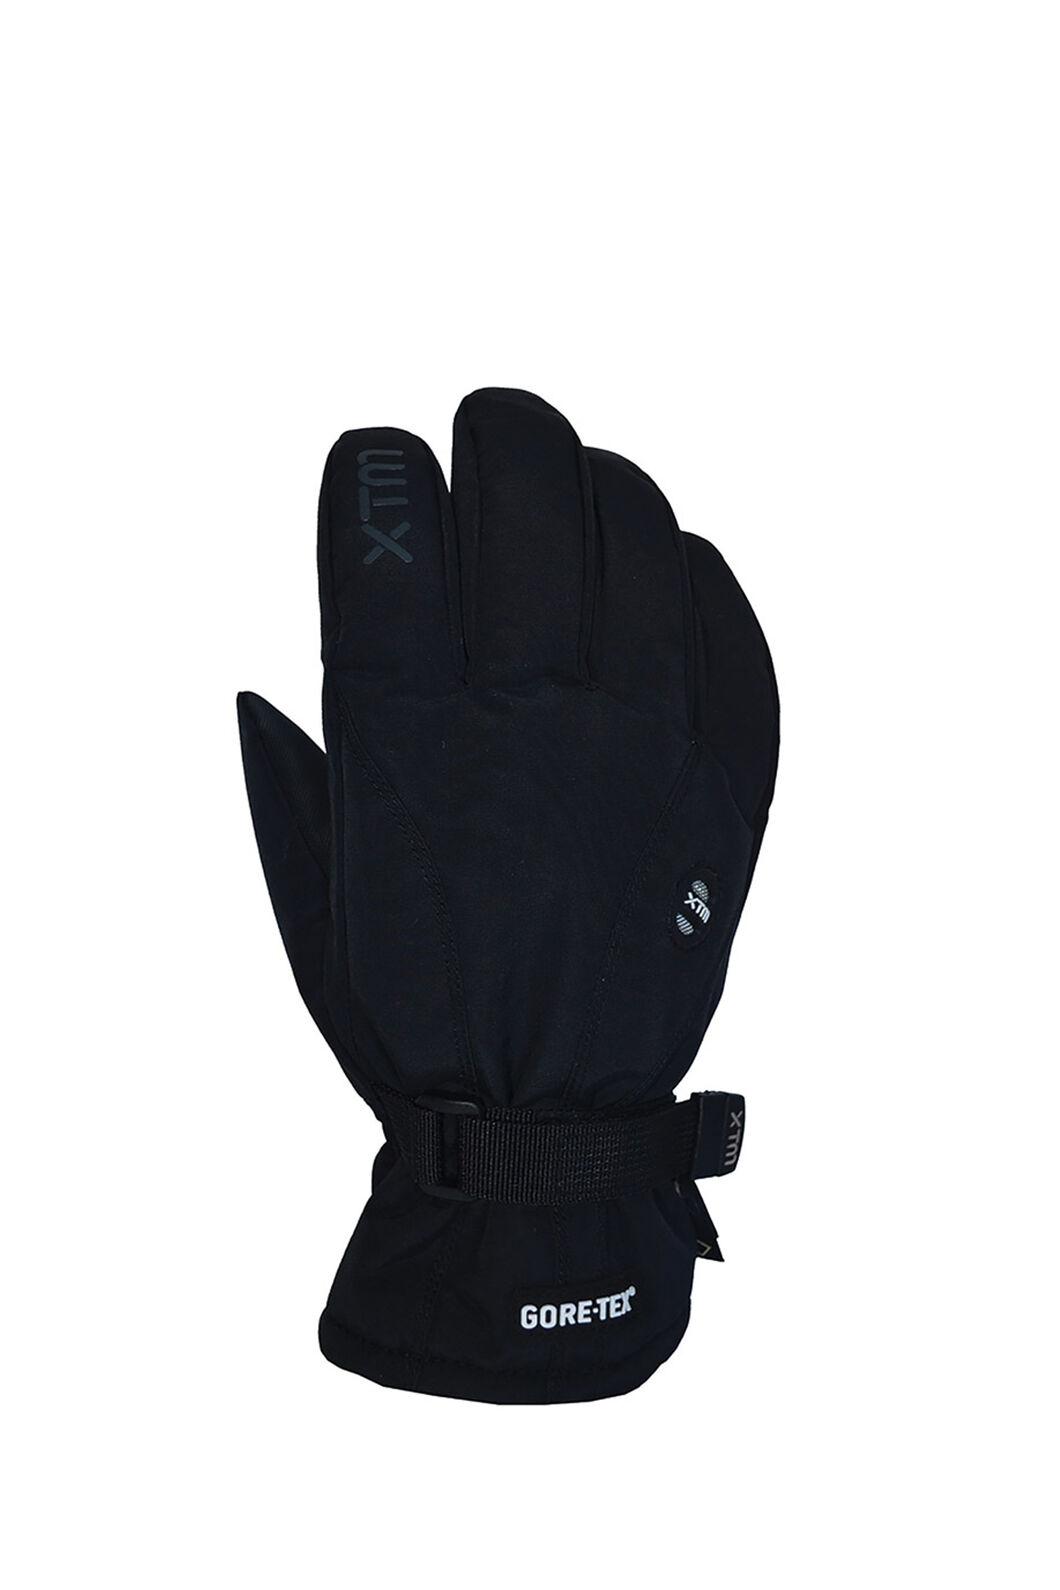 XTM Whistler Gloves - Women's, Black, hi-res